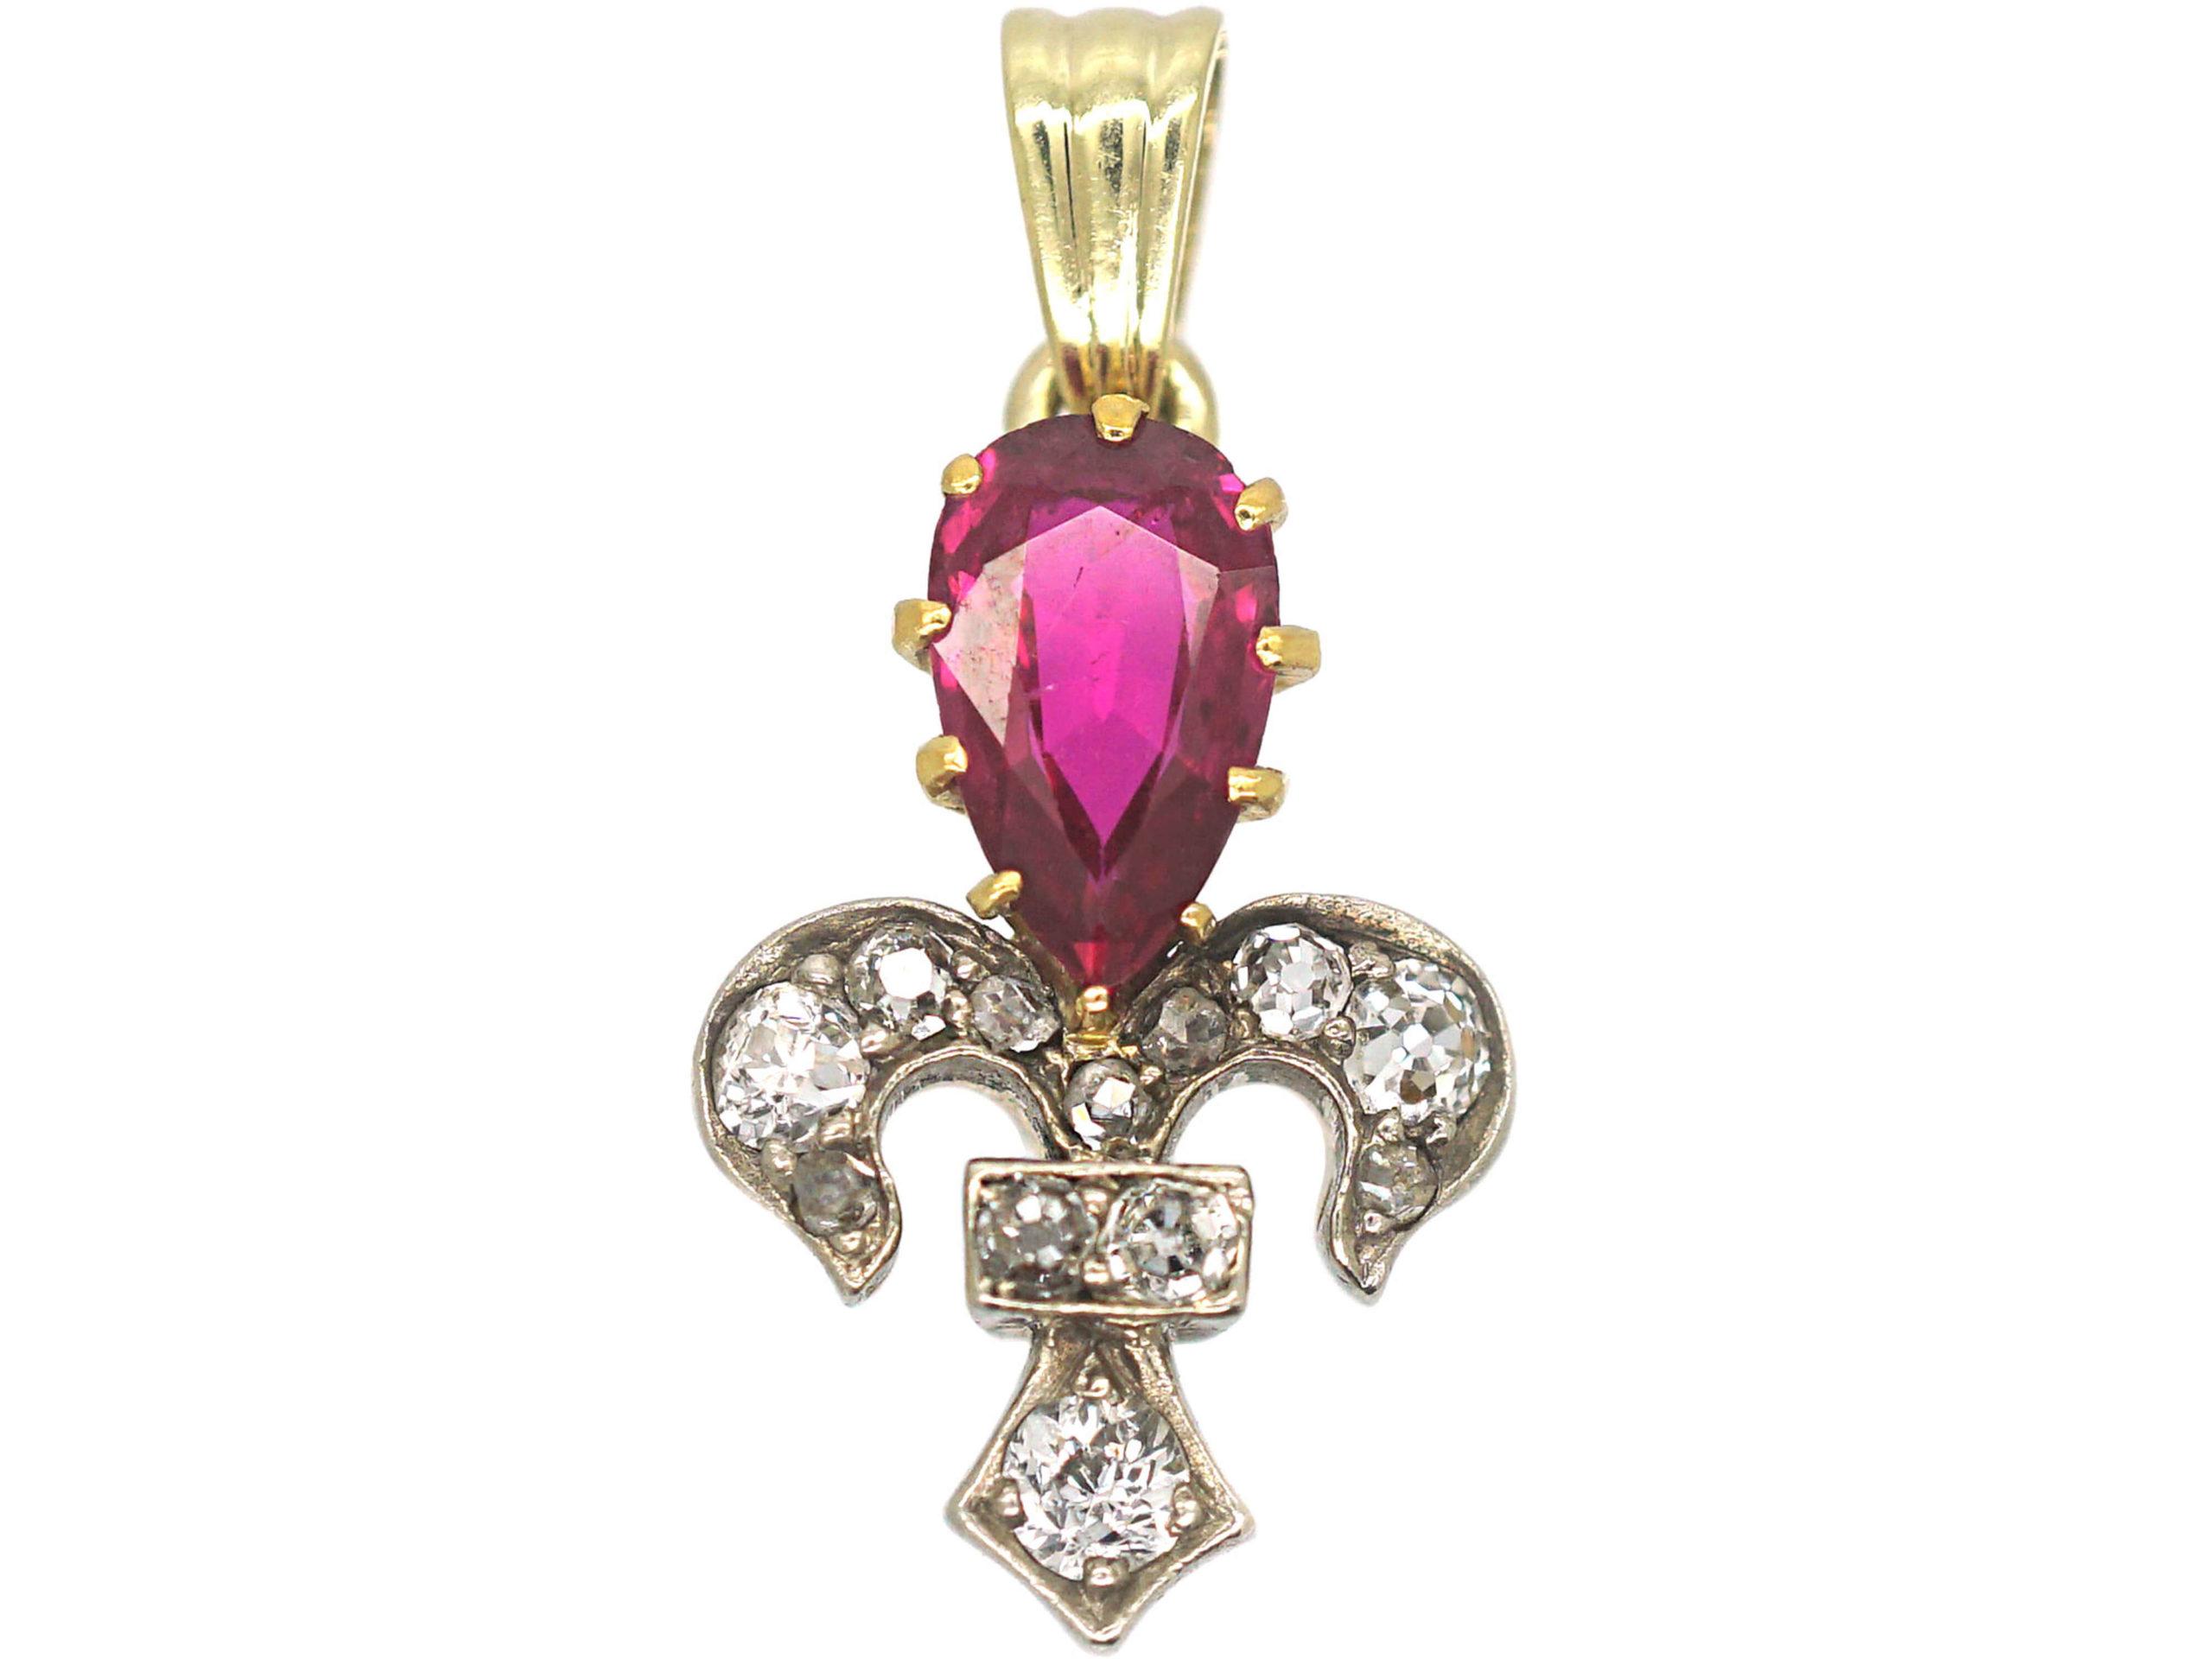 Edwardian 18ct yellow & White Gold, Diamond & Pear Shaped Ruby Fleur de Lys Pendant